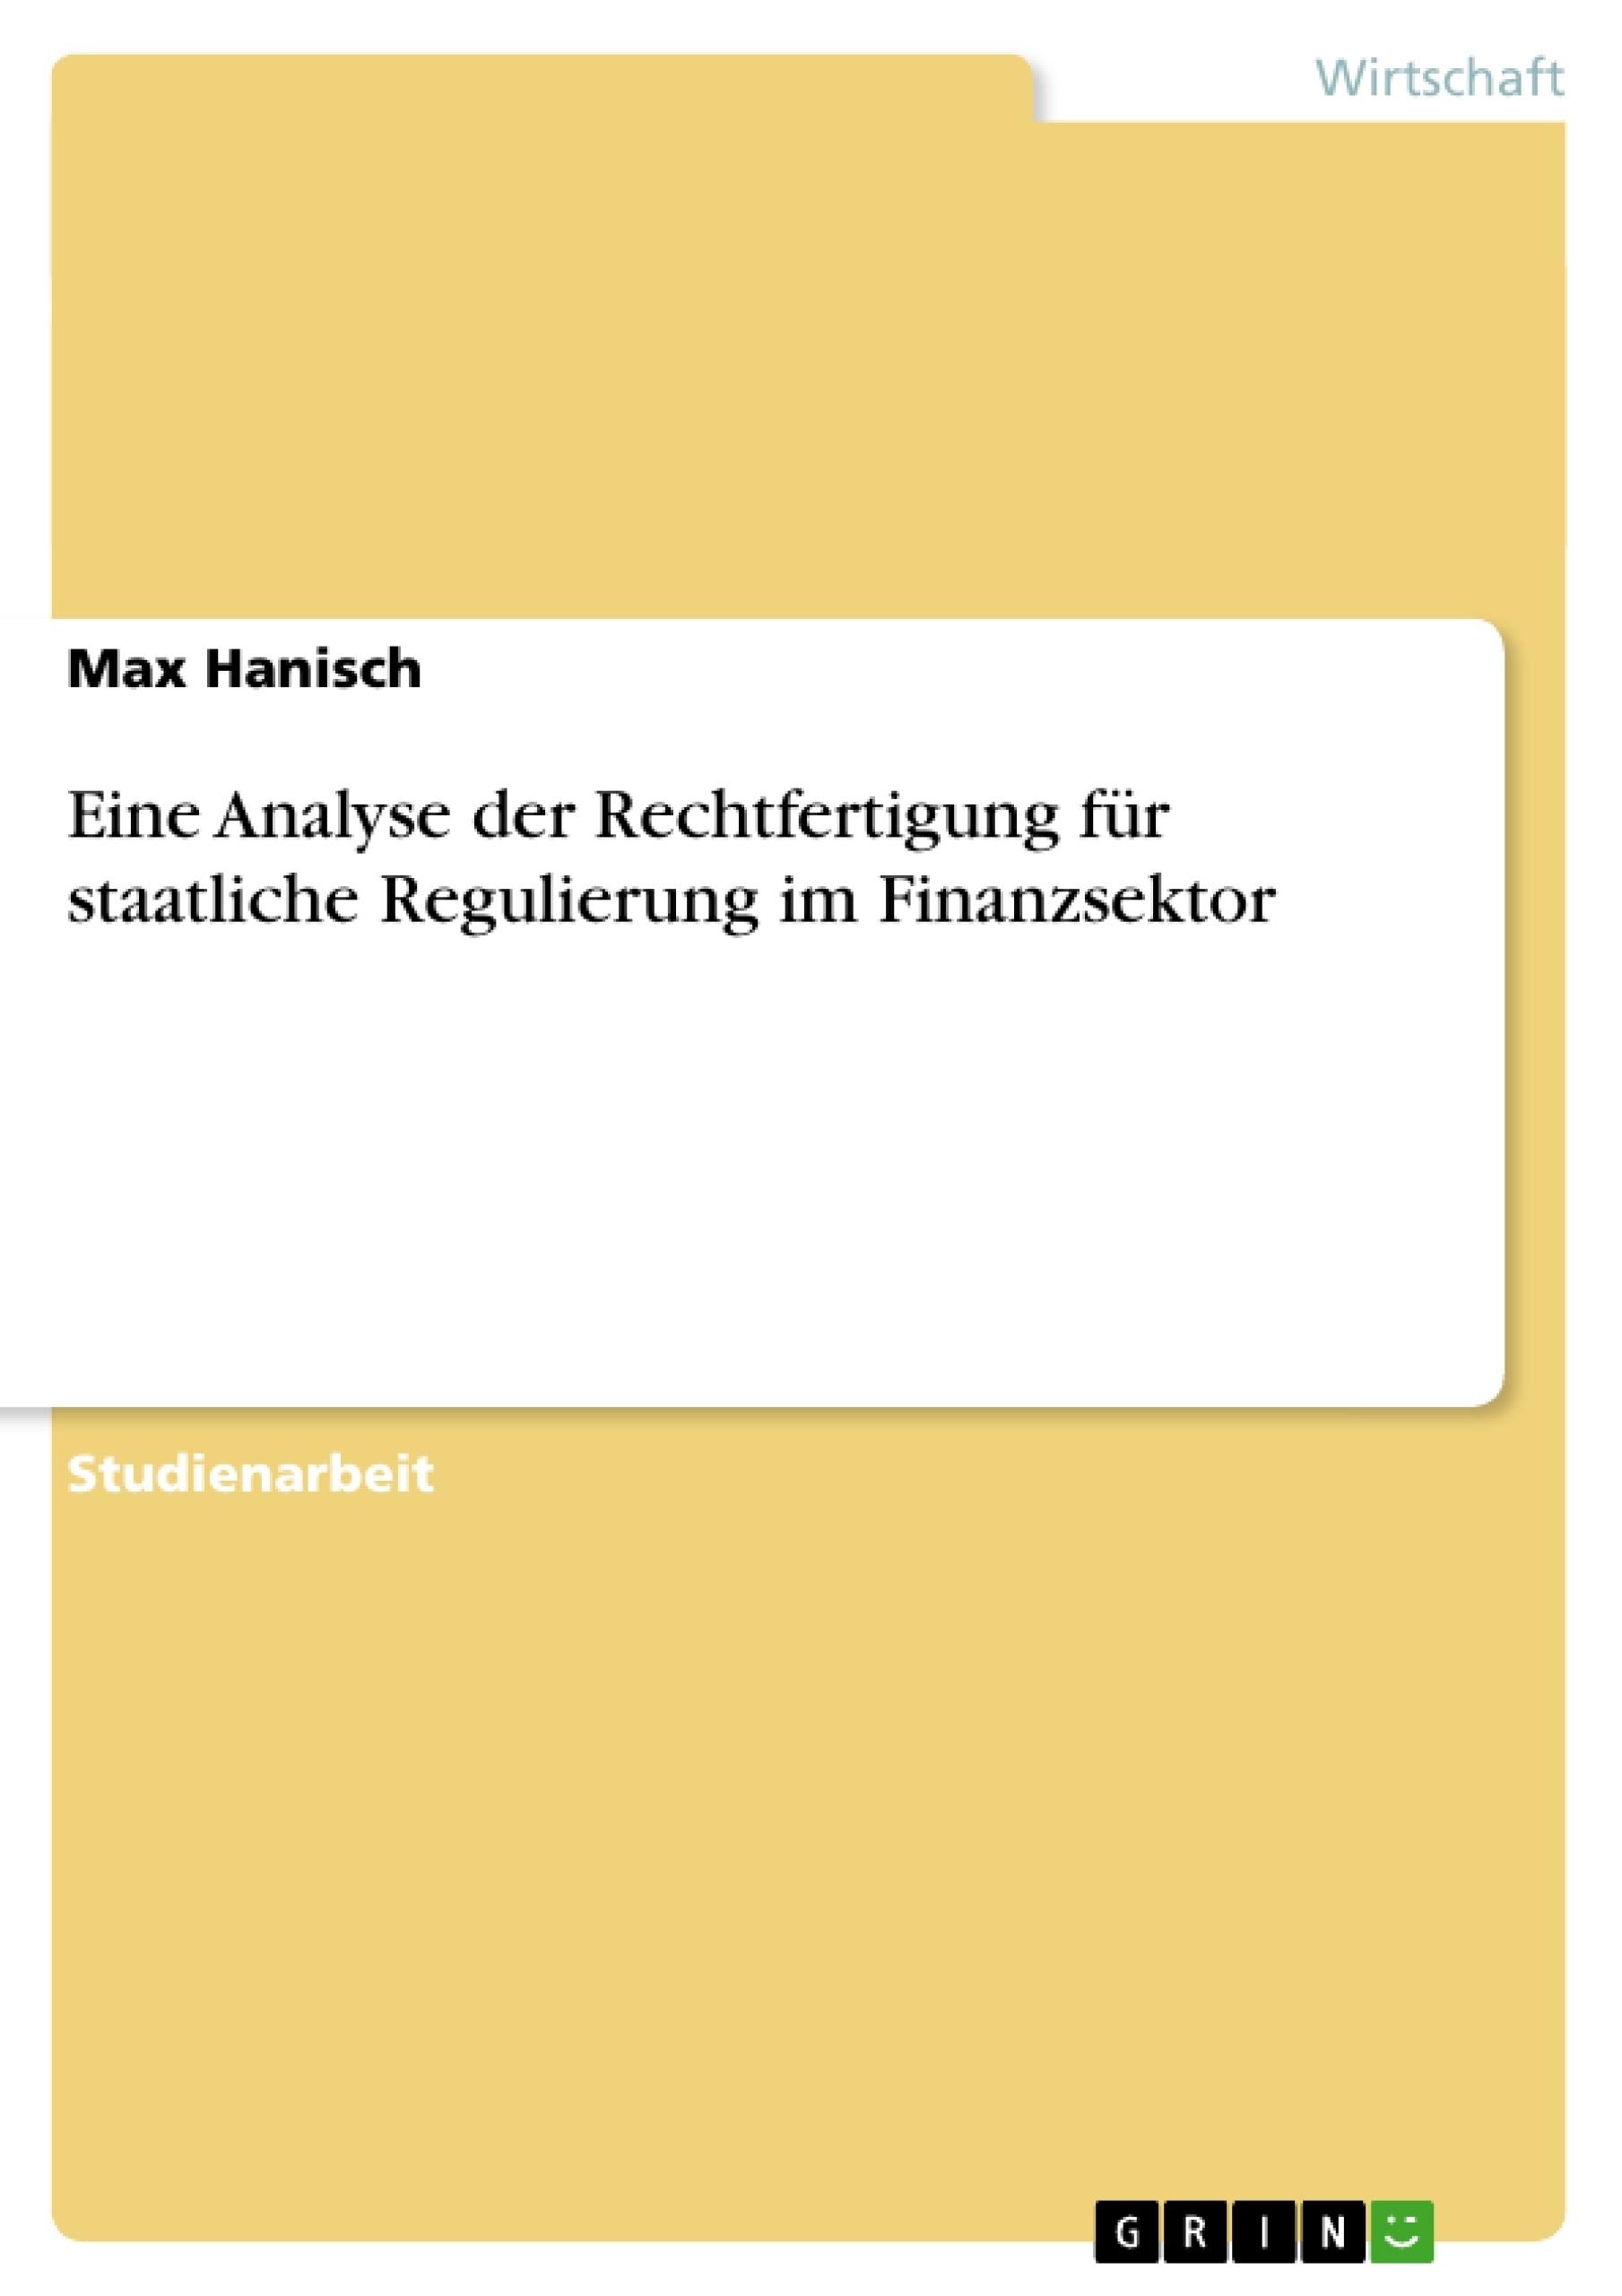 Titel: Eine Analyse der Rechtfertigung für staatliche Regulierung im Finanzsektor